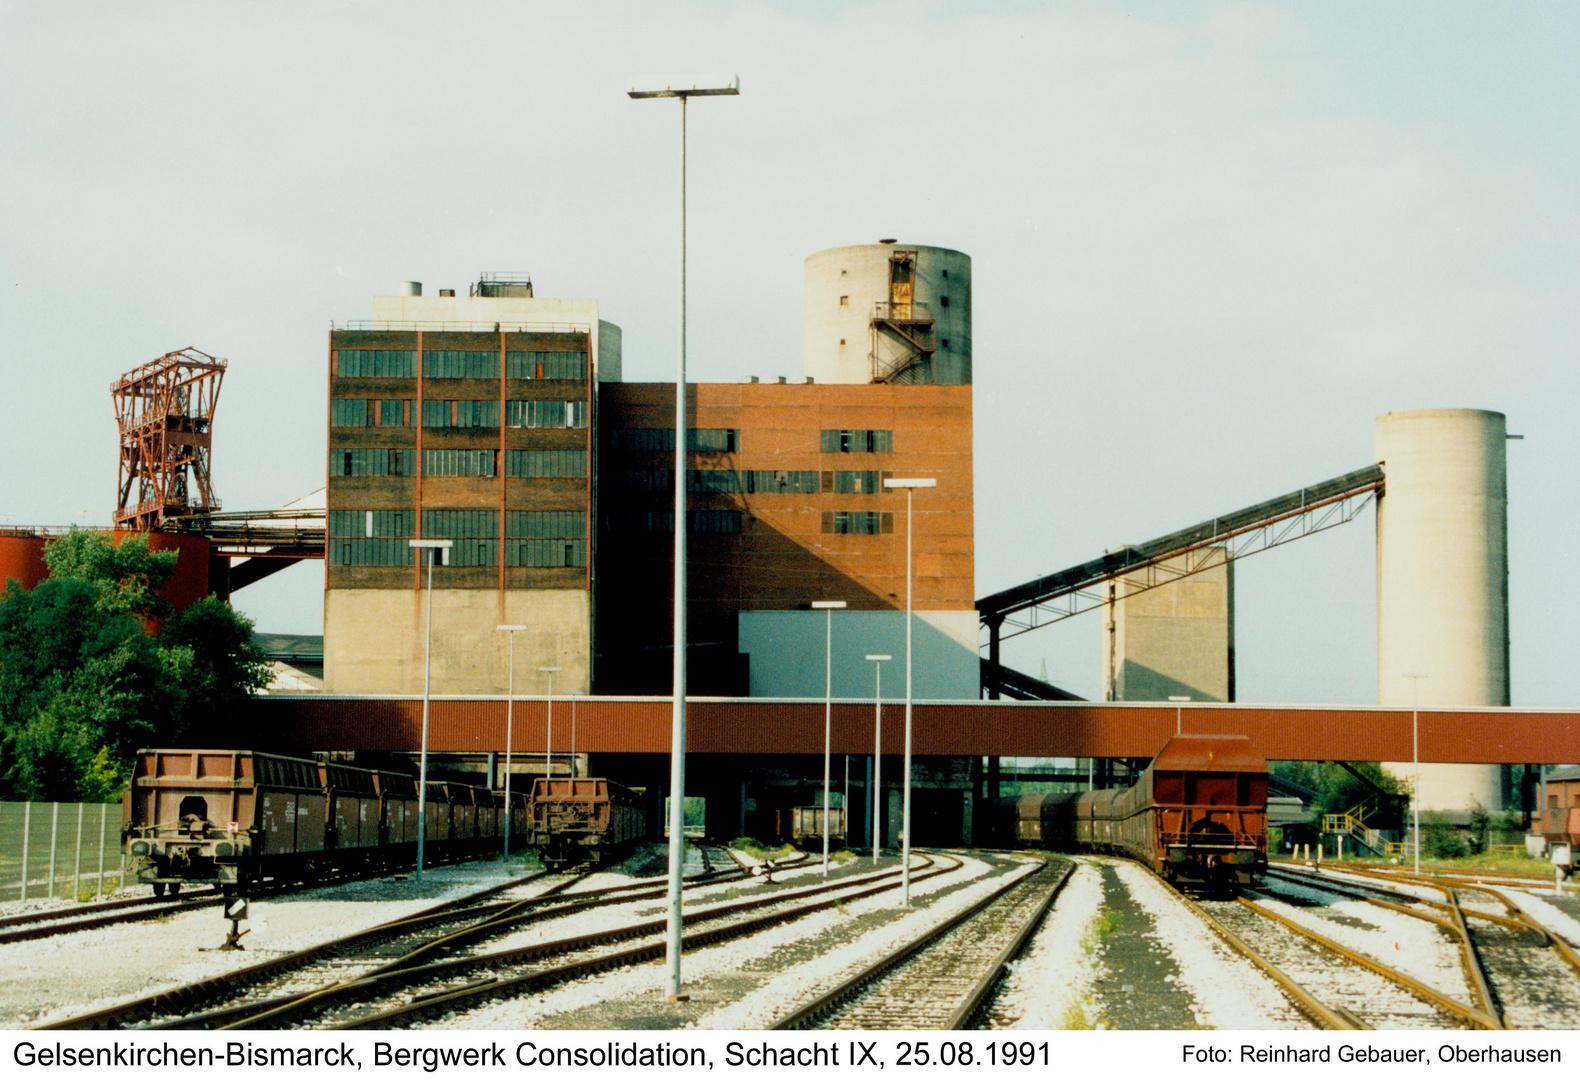 Gelsenkirchen-Bismarck, Bergwerk Consolidation, Schacht XI, 1991